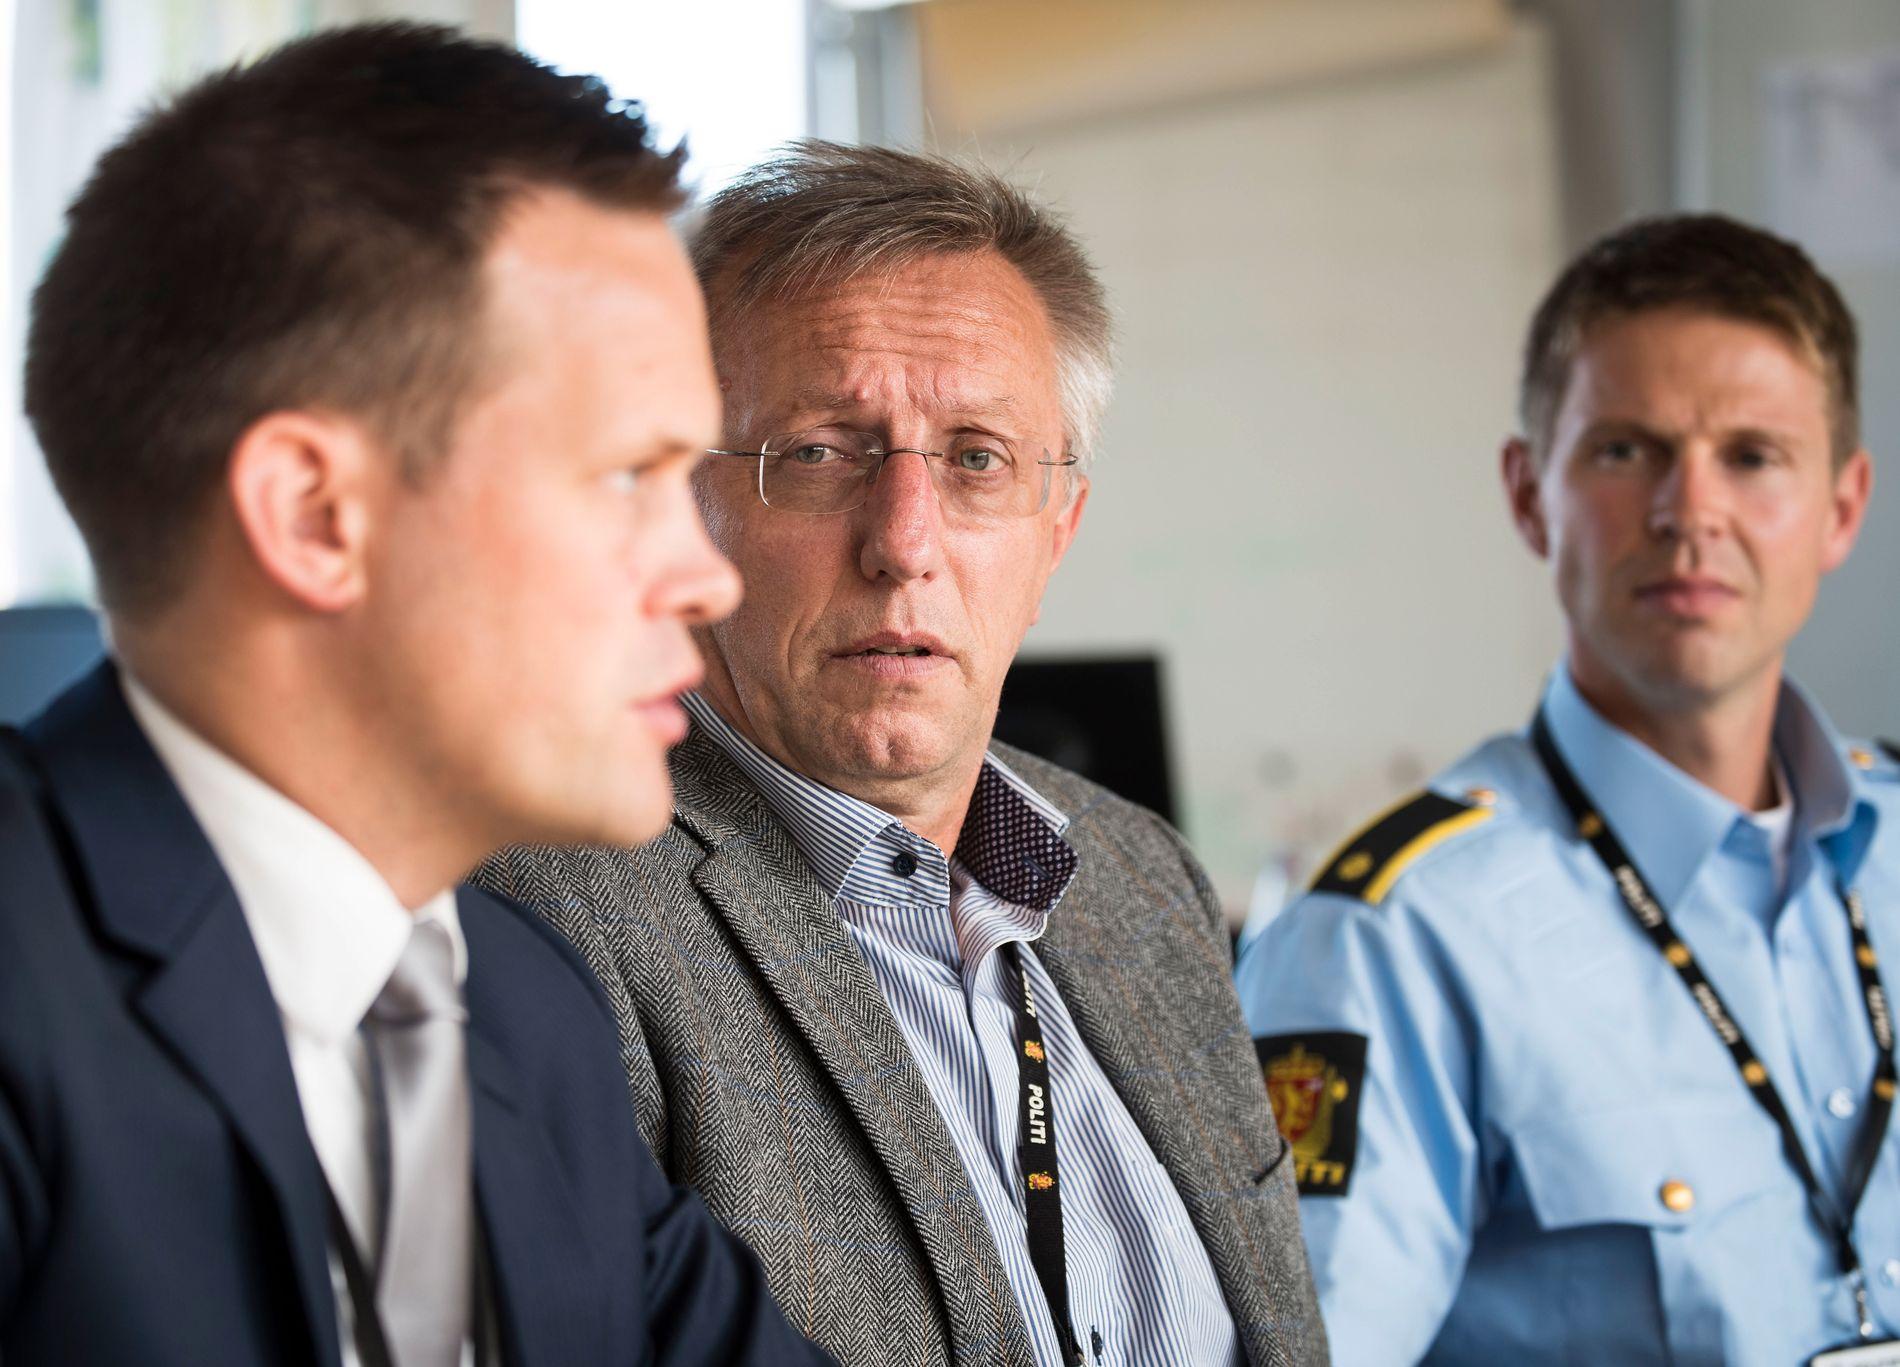 PRIORITERT SAK: En egen gruppe, hvor flere av seksjonene i Oslo politidistrikt er med, etterforsker saken mot Amir Mirmotahari. Fra venstre: Politiadvokat Sturla Henriksbø, politiadvokat Ragnvald Brekke og politiførstebetjent Marius Fein.